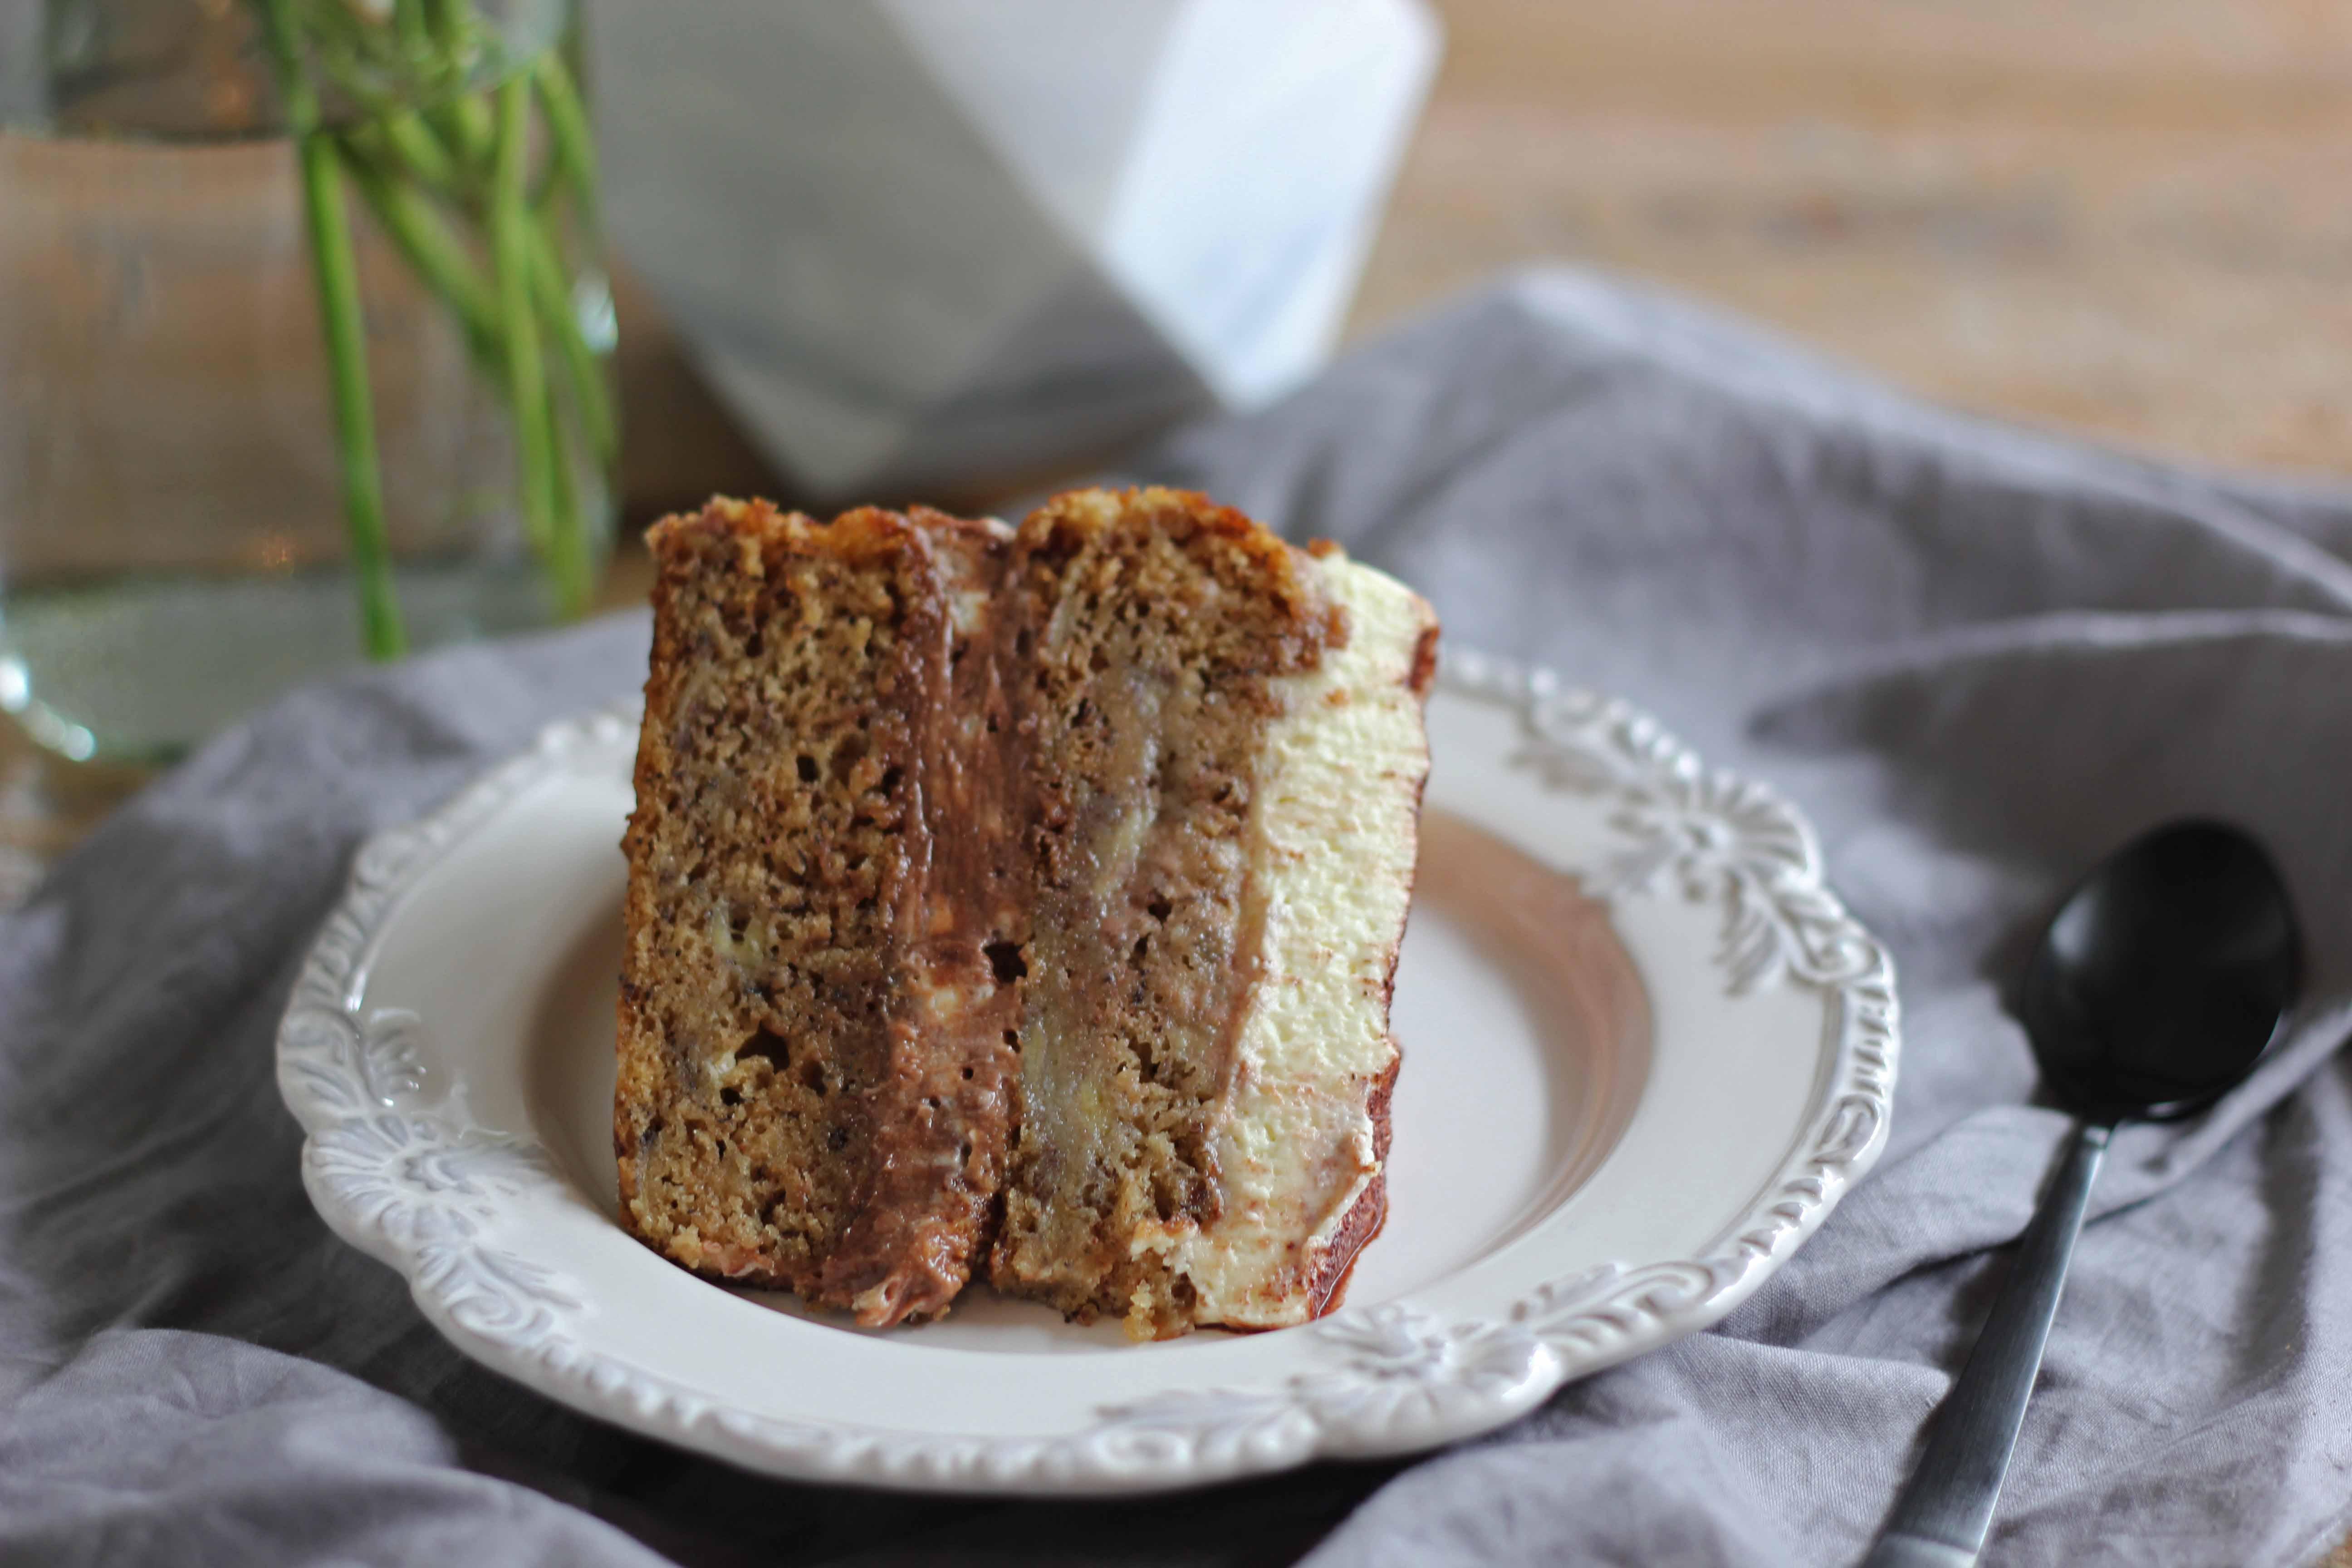 (2) vkusna-torta-so-banana-i-nutela-shto-lesno-mozhat-da-ja-podgotvat-duri-i-pochetnicite-www.kafepauza.mk